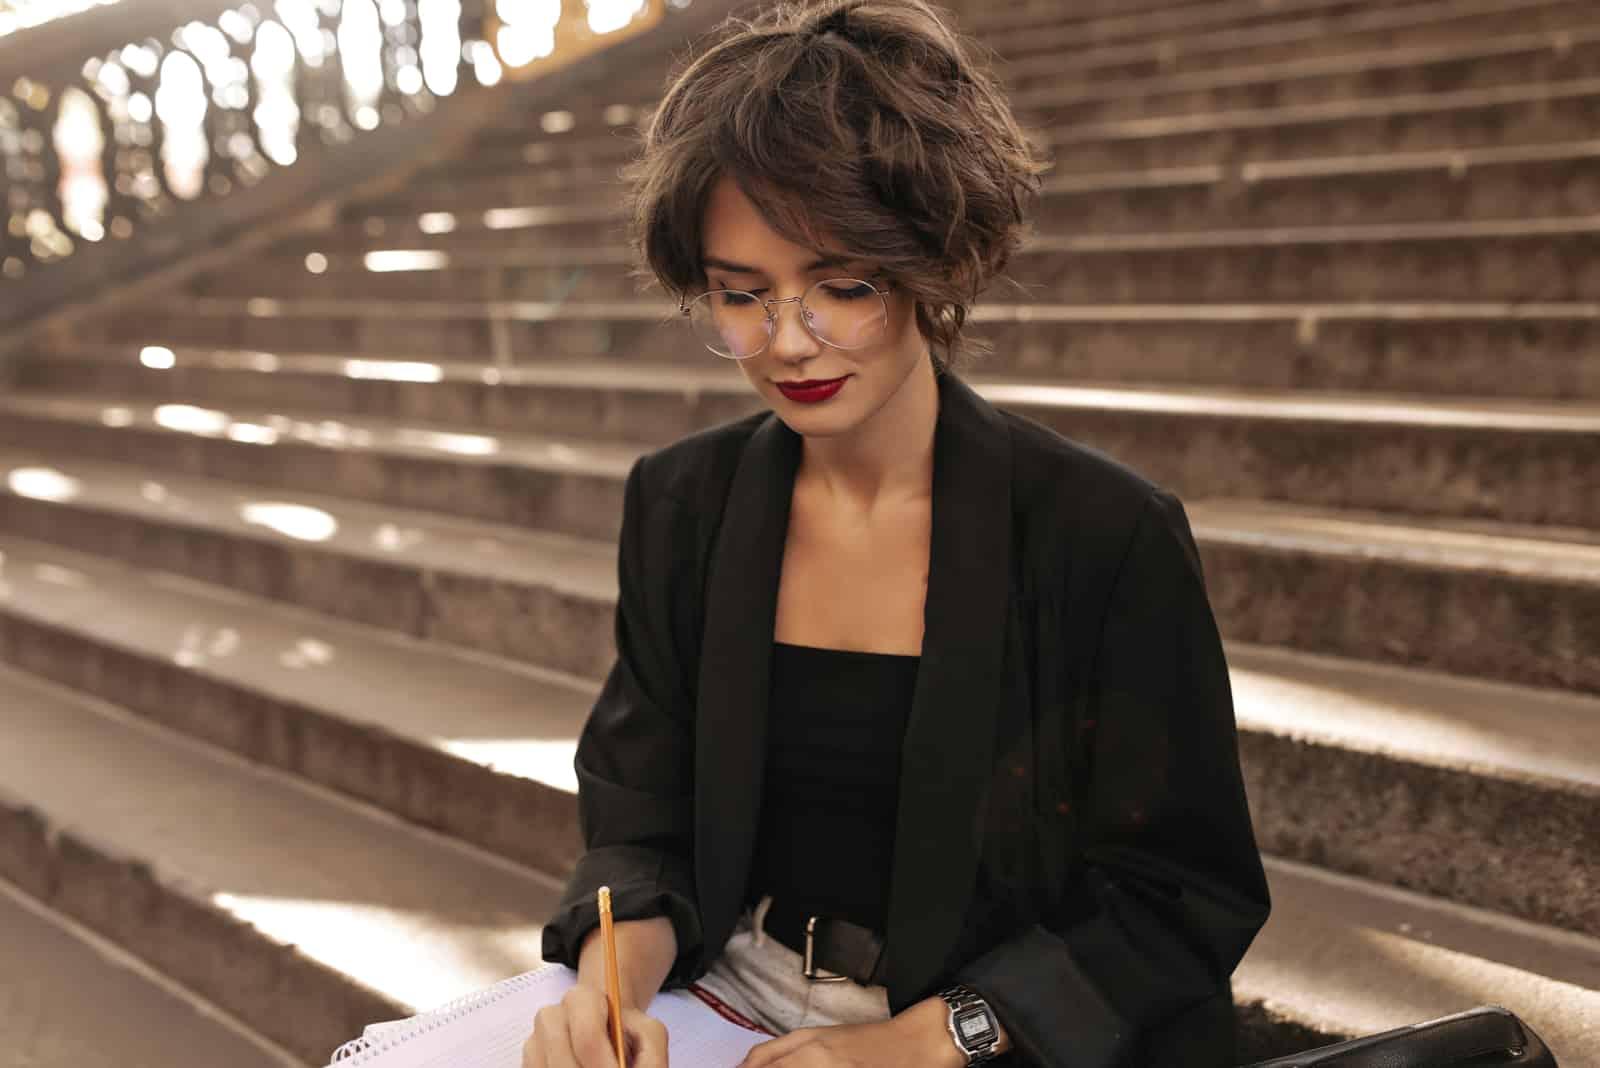 une belle femme est assise dans les escaliers et écrit